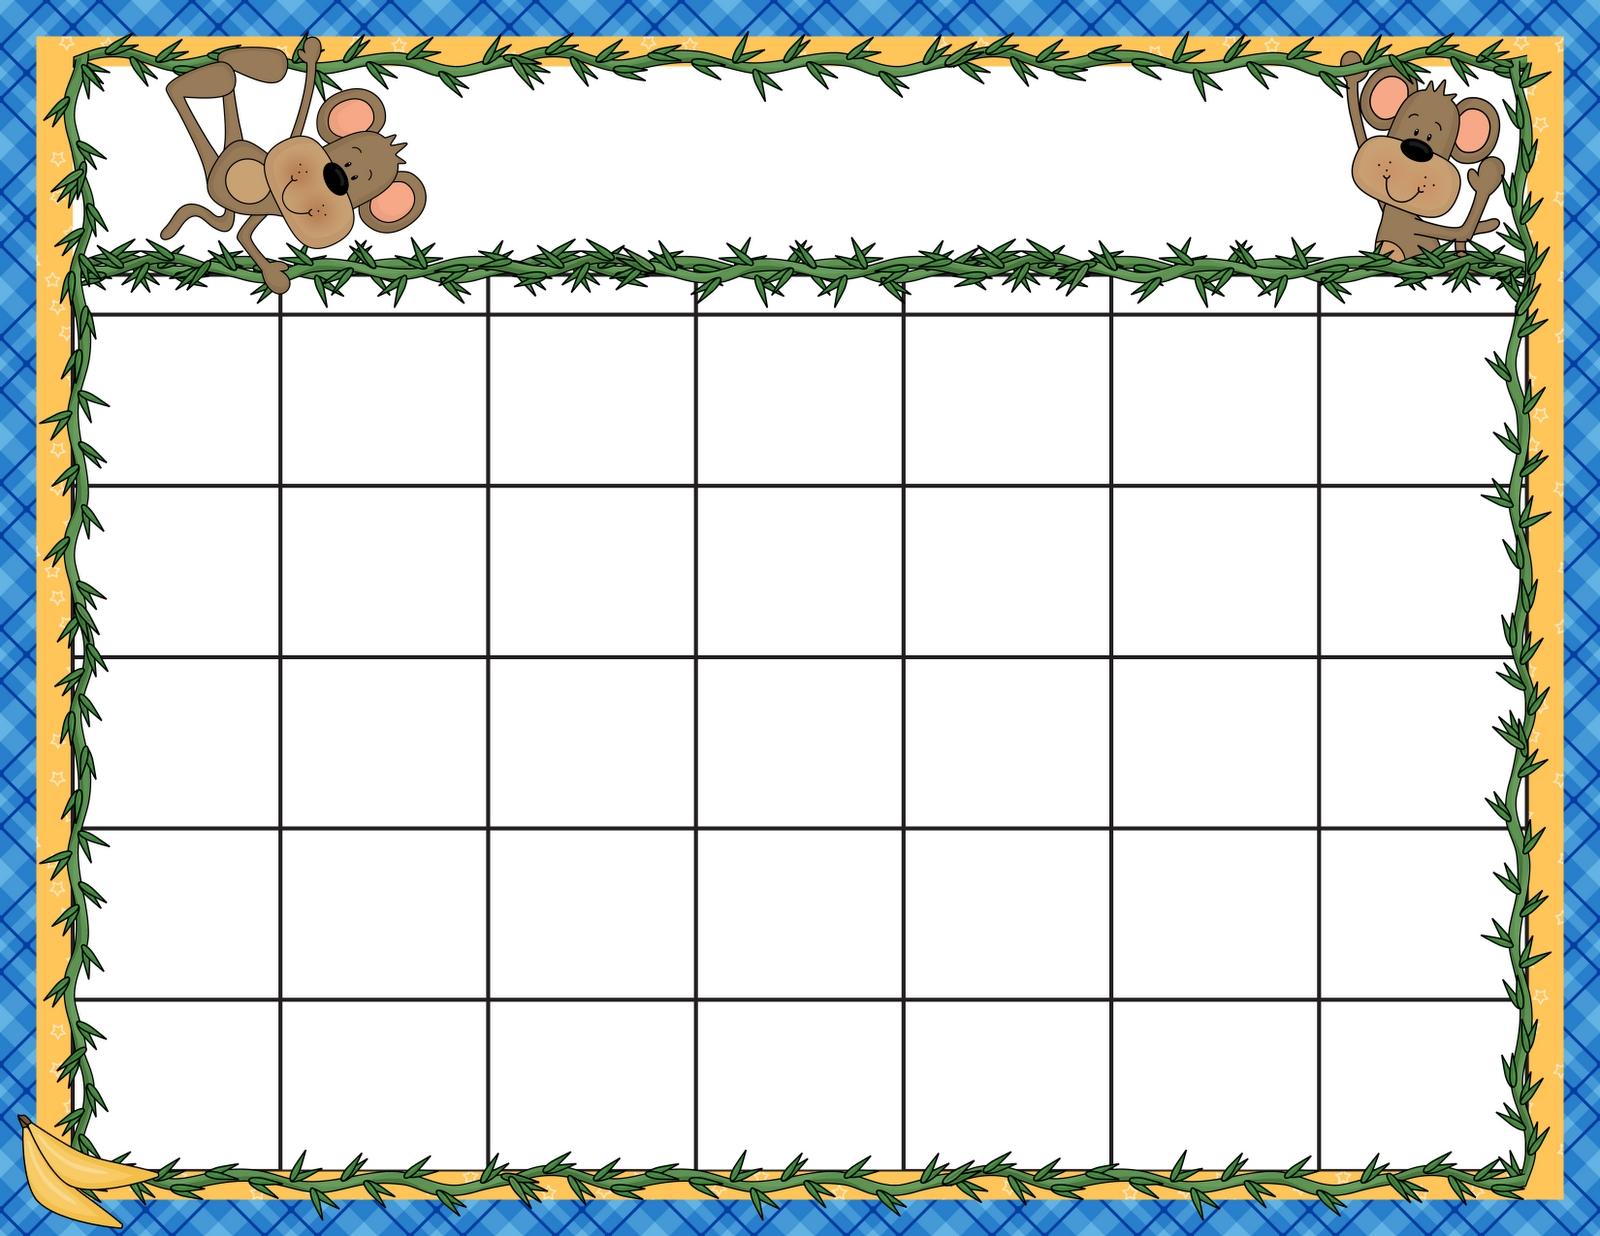 7 Best Kindergarten Monthly Calendar Printable - Printablee November Calendar Template Kindergarten